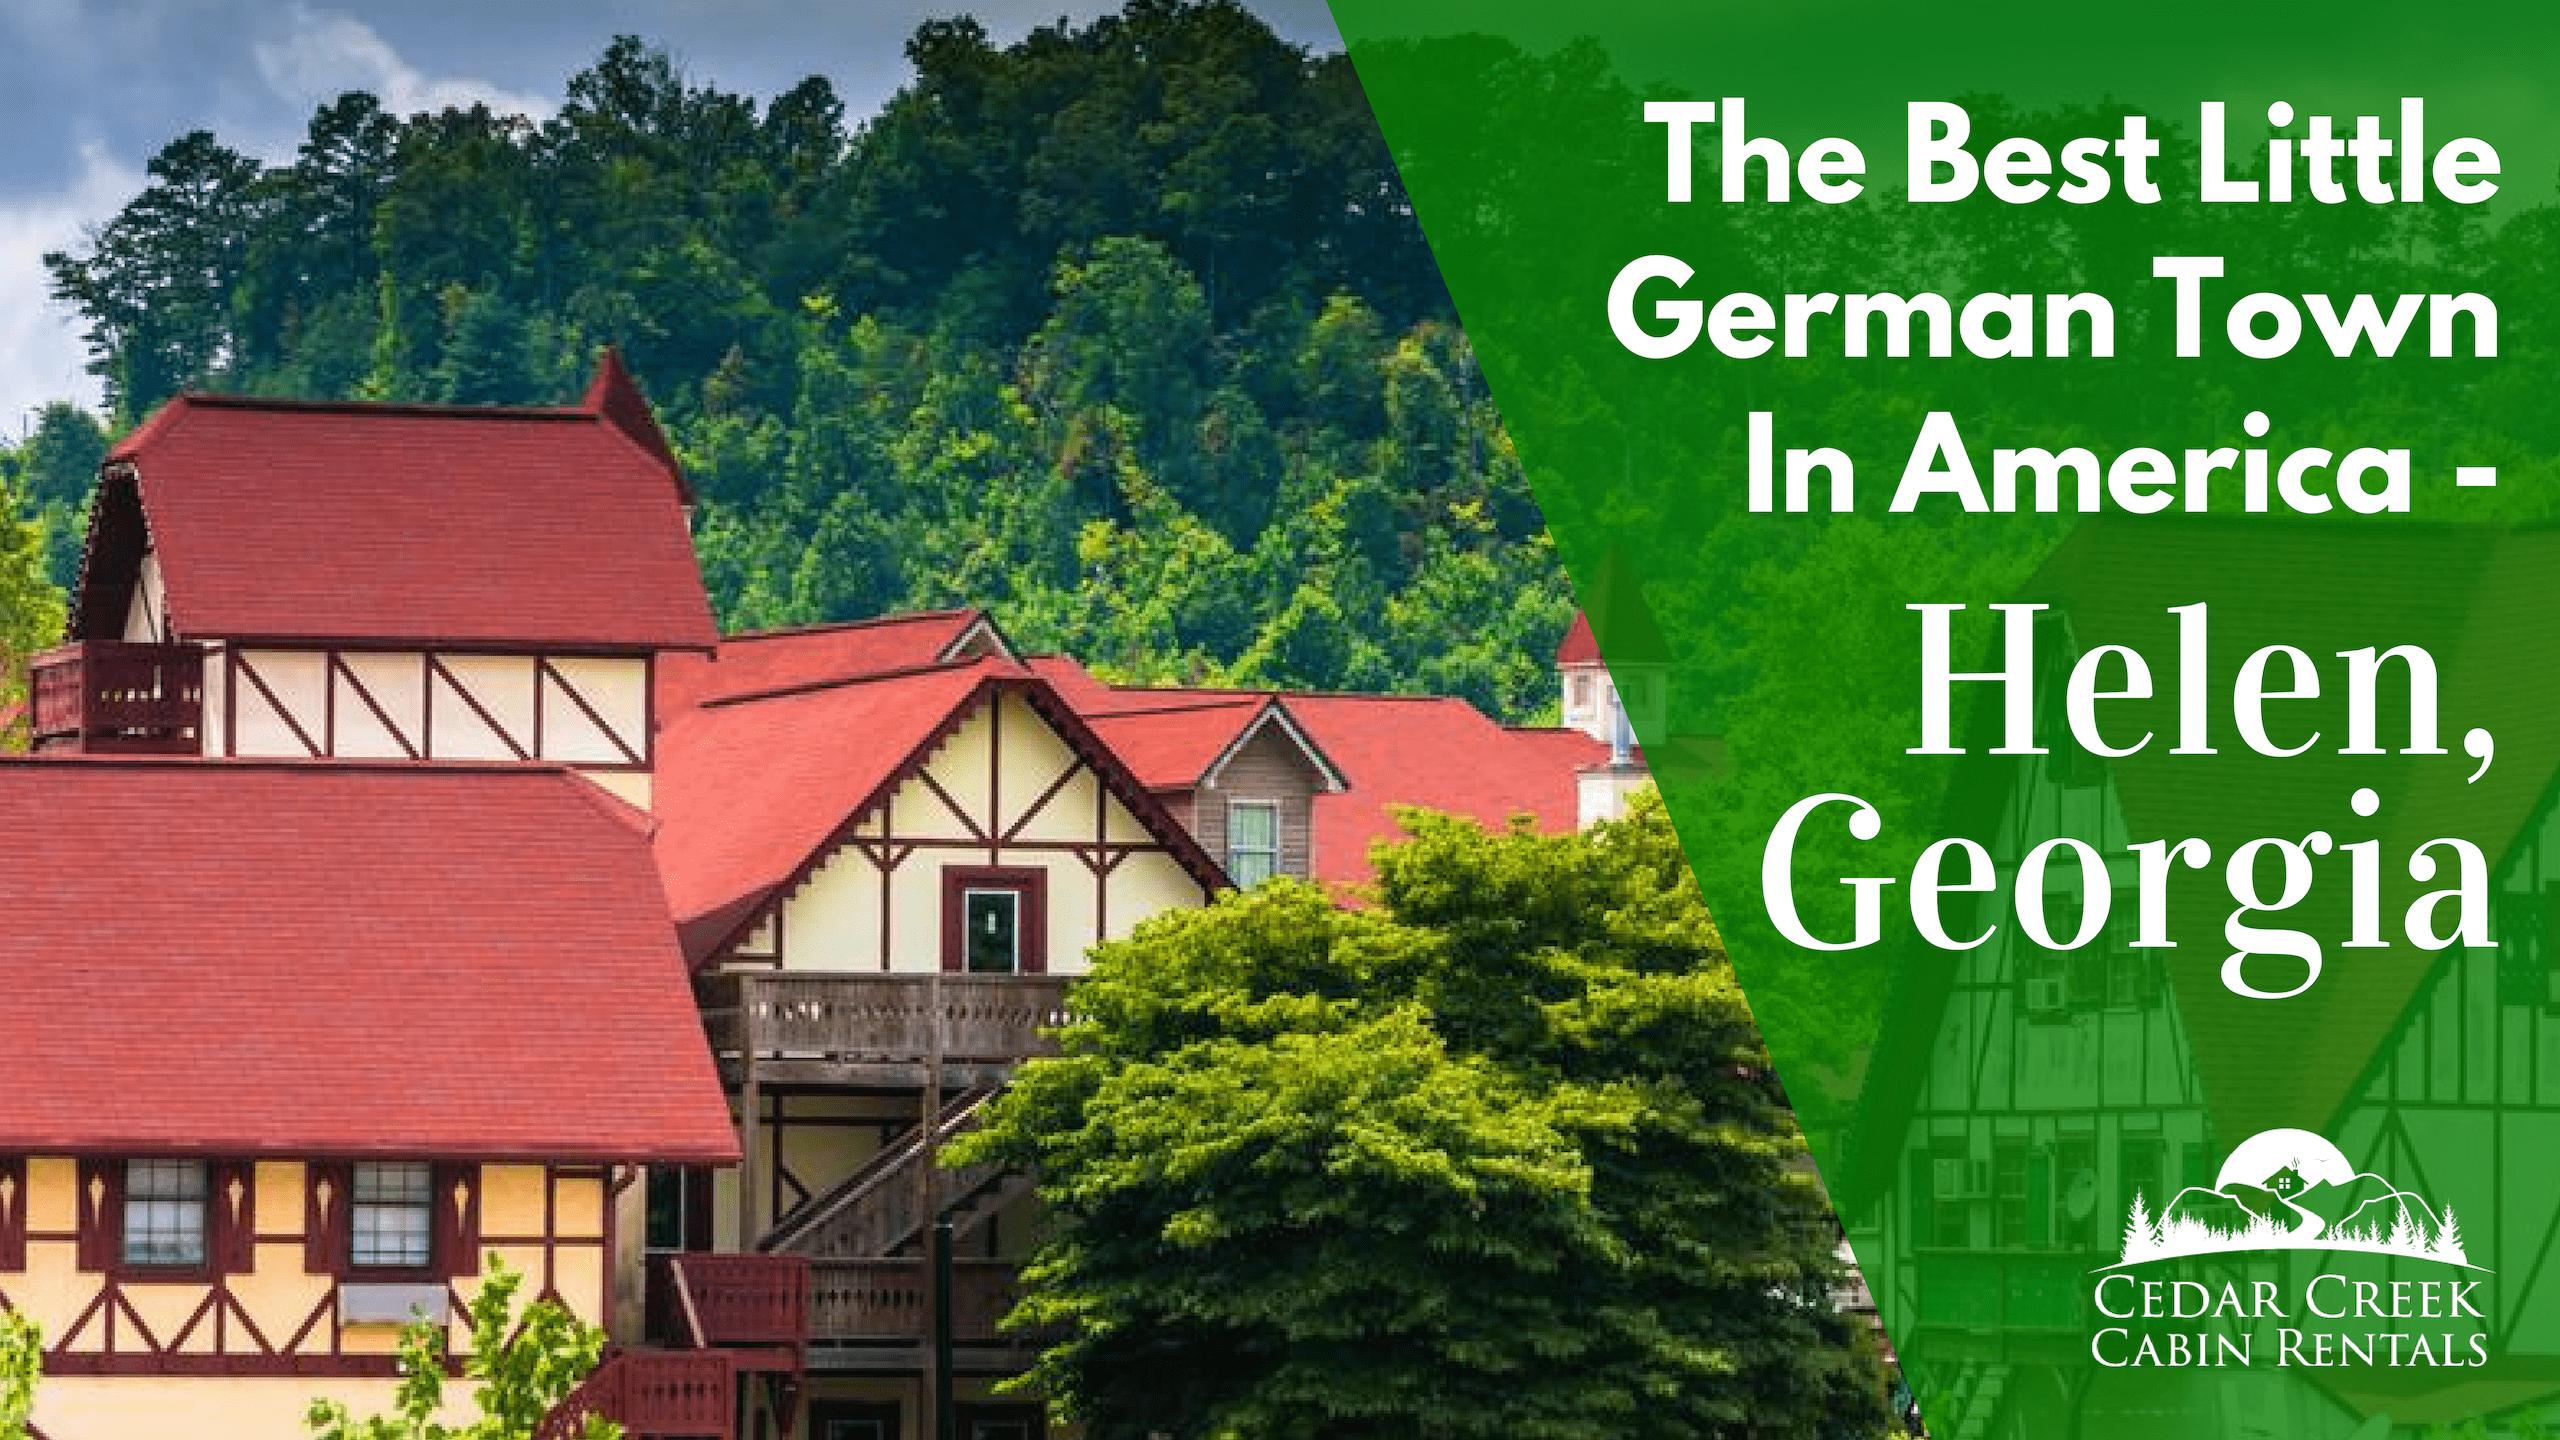 Helen Georgia Is The Best Little German Town In America But It